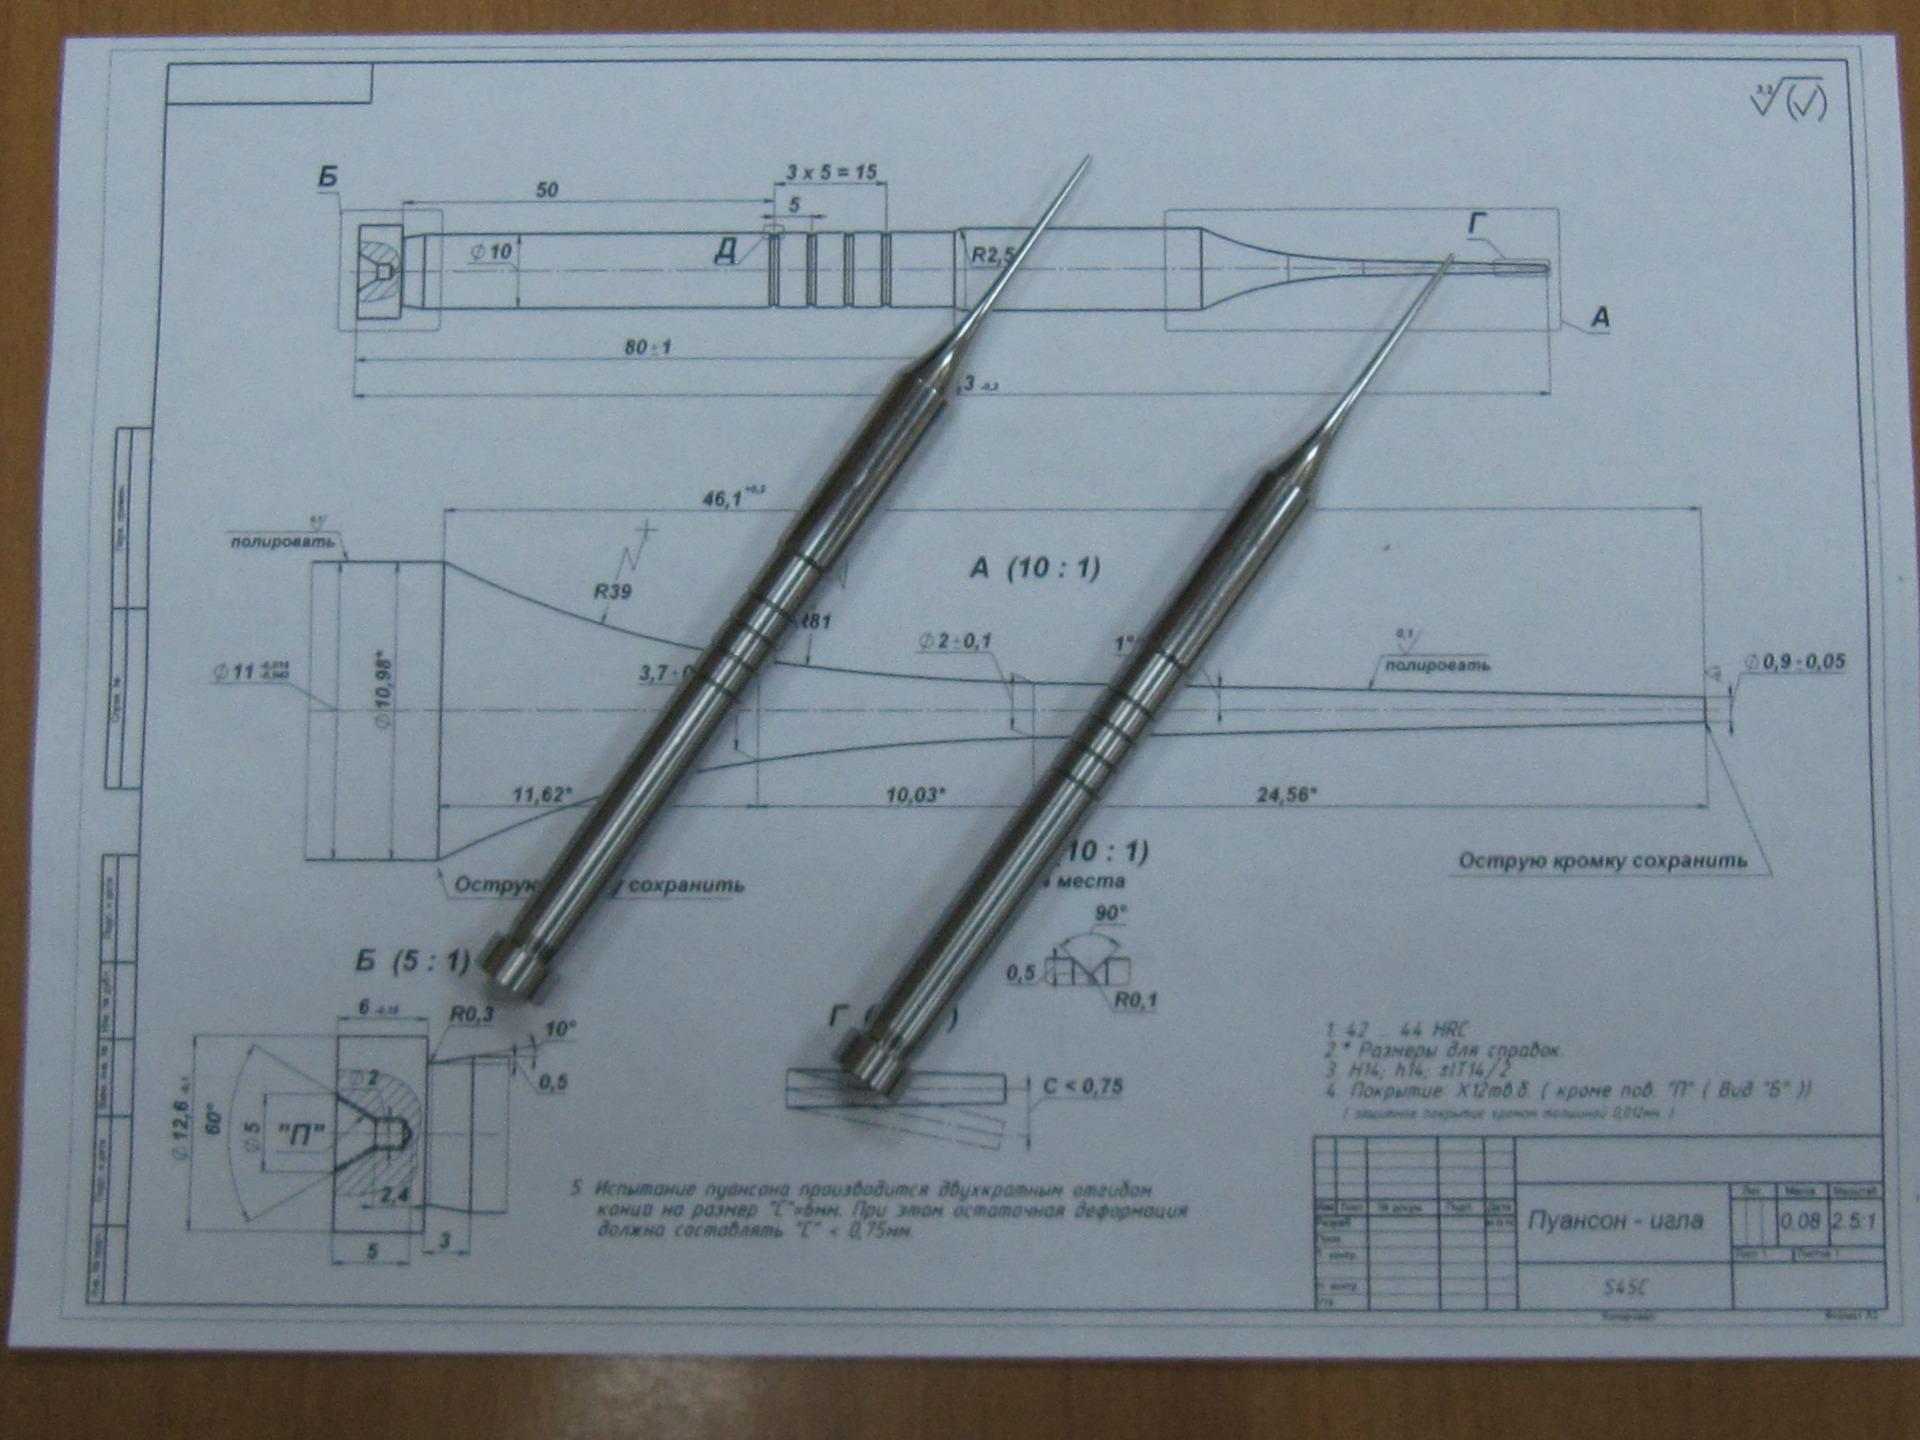 пуансон-игла, изготовление пуансон-игл, судоремонтная продукция, судоремонтный завод, штампы, пресс-формы